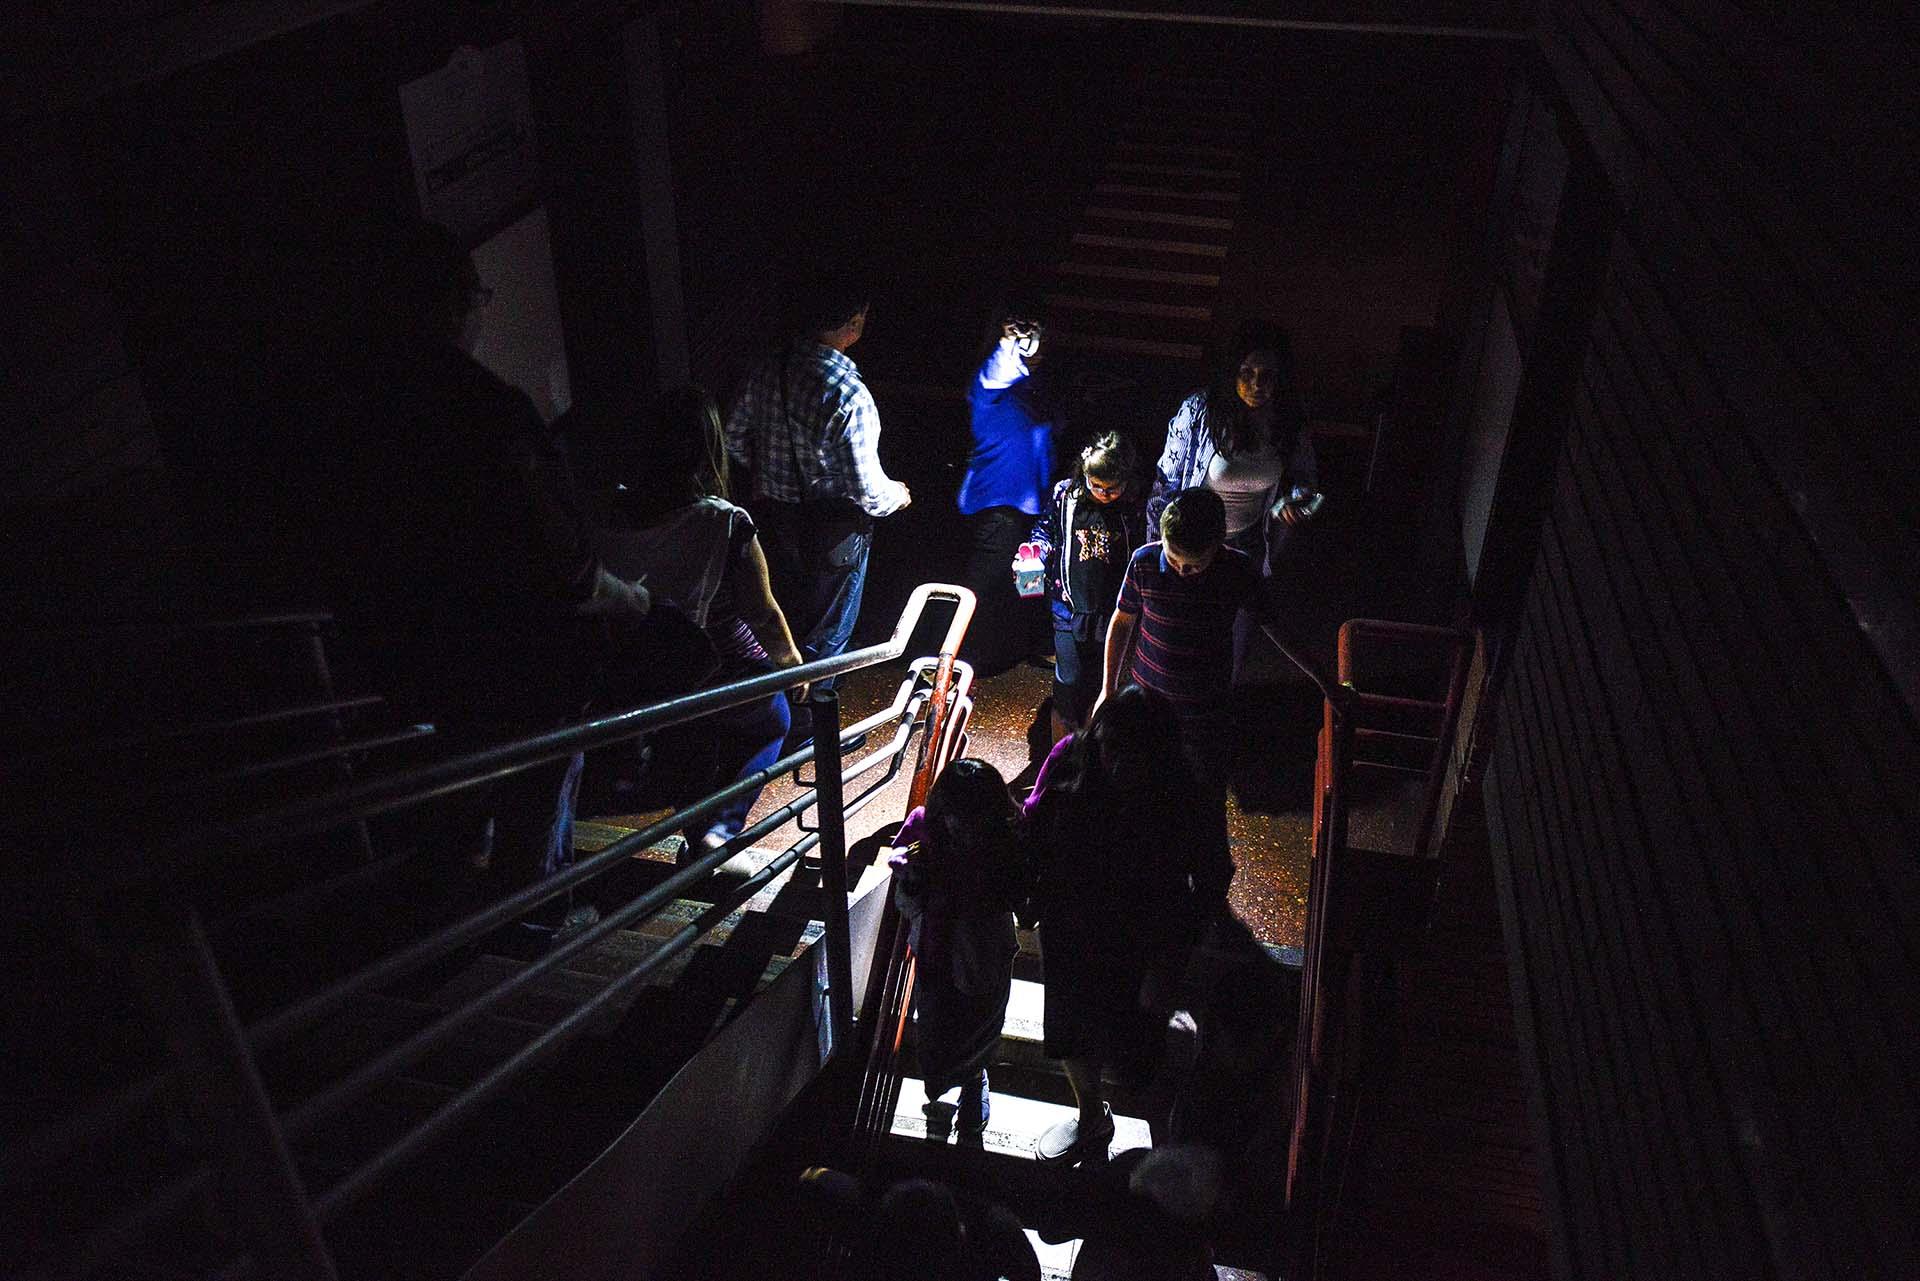 A las 4:45 PM, un corte masivo de energía eléctrica dejó a Caracas en penumbras. En un shopping del centroen Caracas, ciudadanos evacúan el edificio iluminados por la luz de un celular